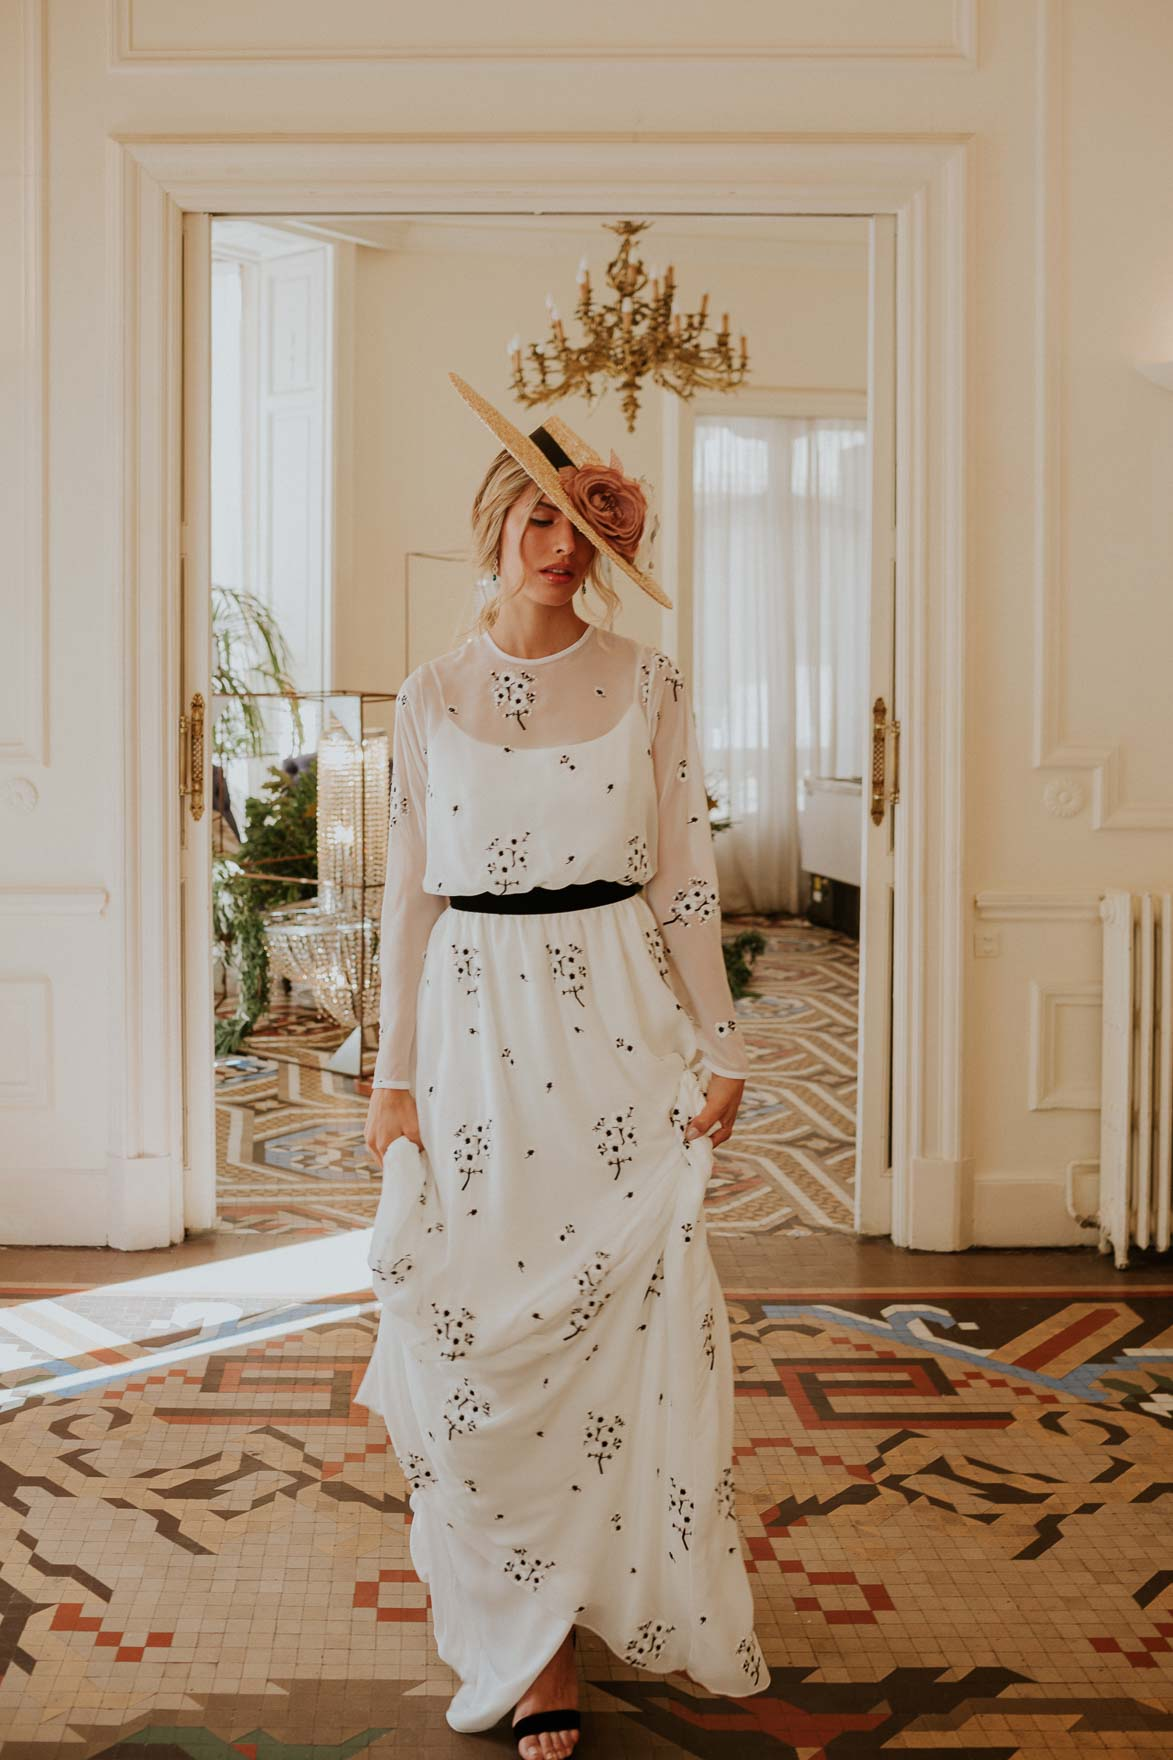 Fotos Fotografos Bodas Tousette Mirador de Comedias Valencia Wedding